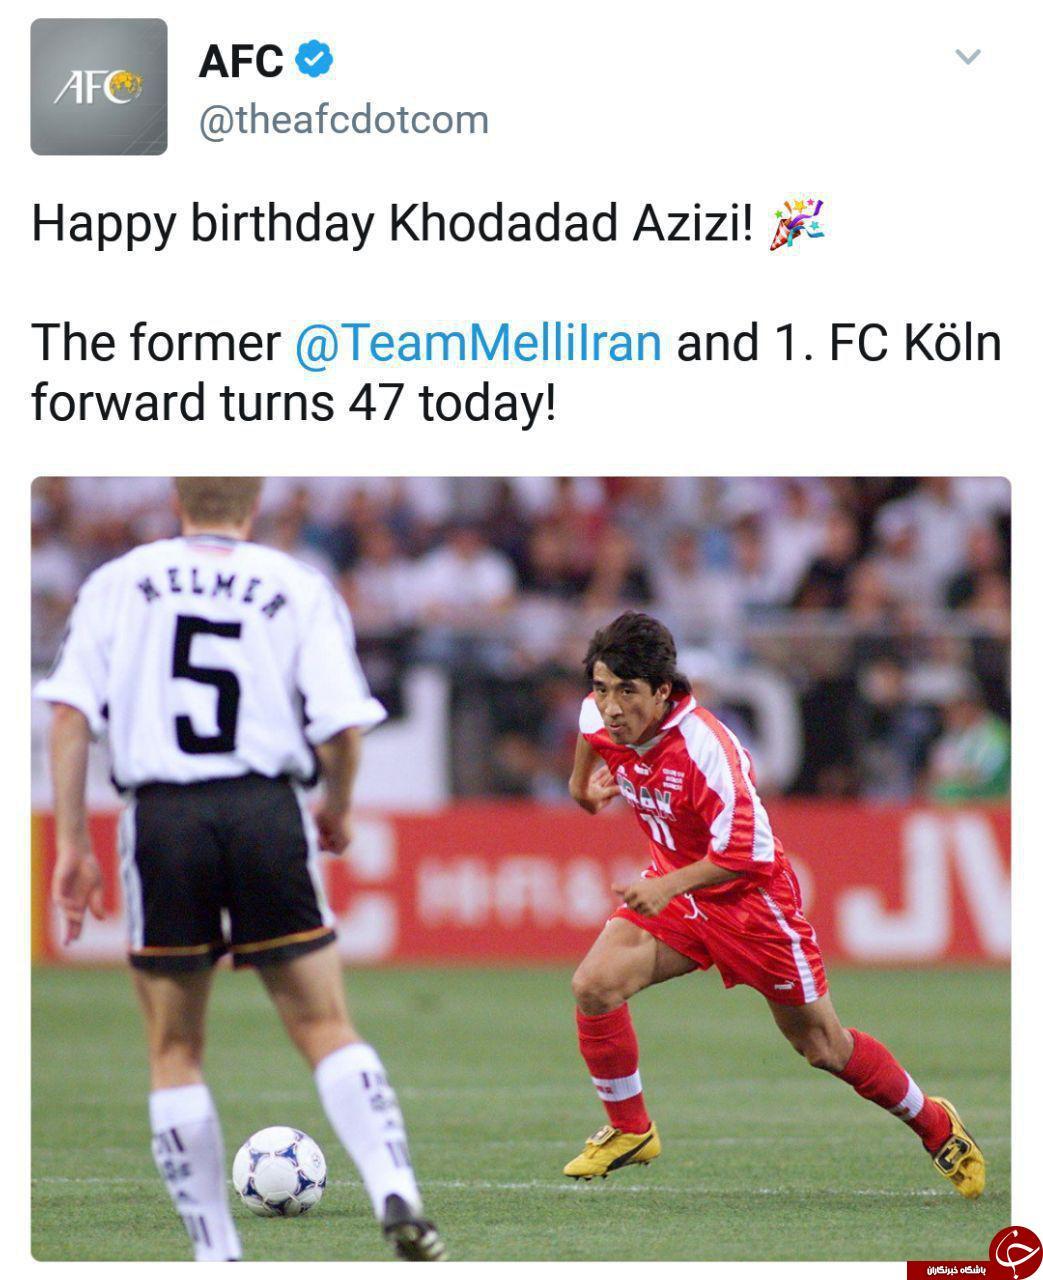 تبریک AFC به مناسبت تولد خداداد عزیزی +تصویر